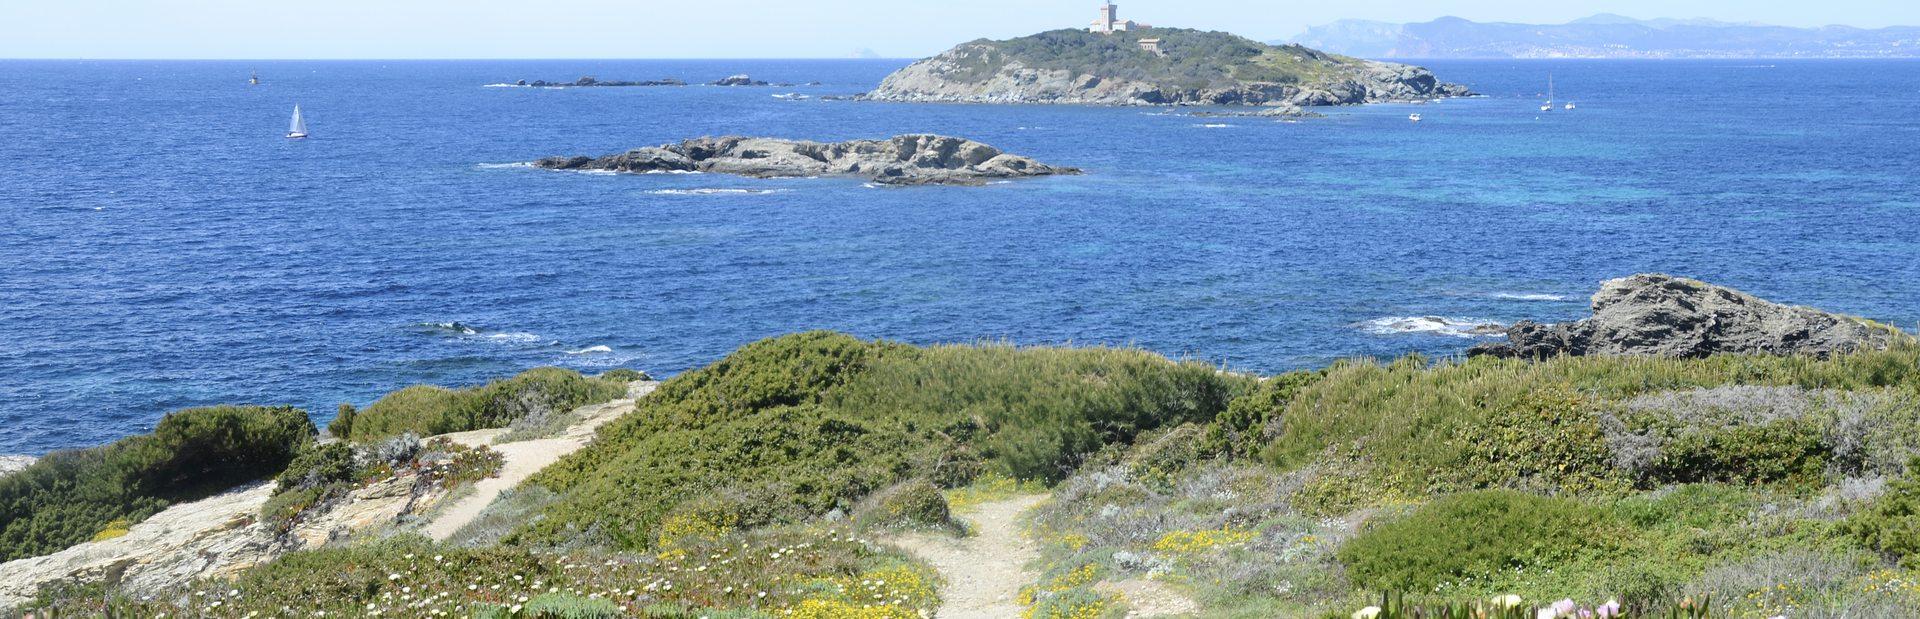 Île des Embiez Image 1